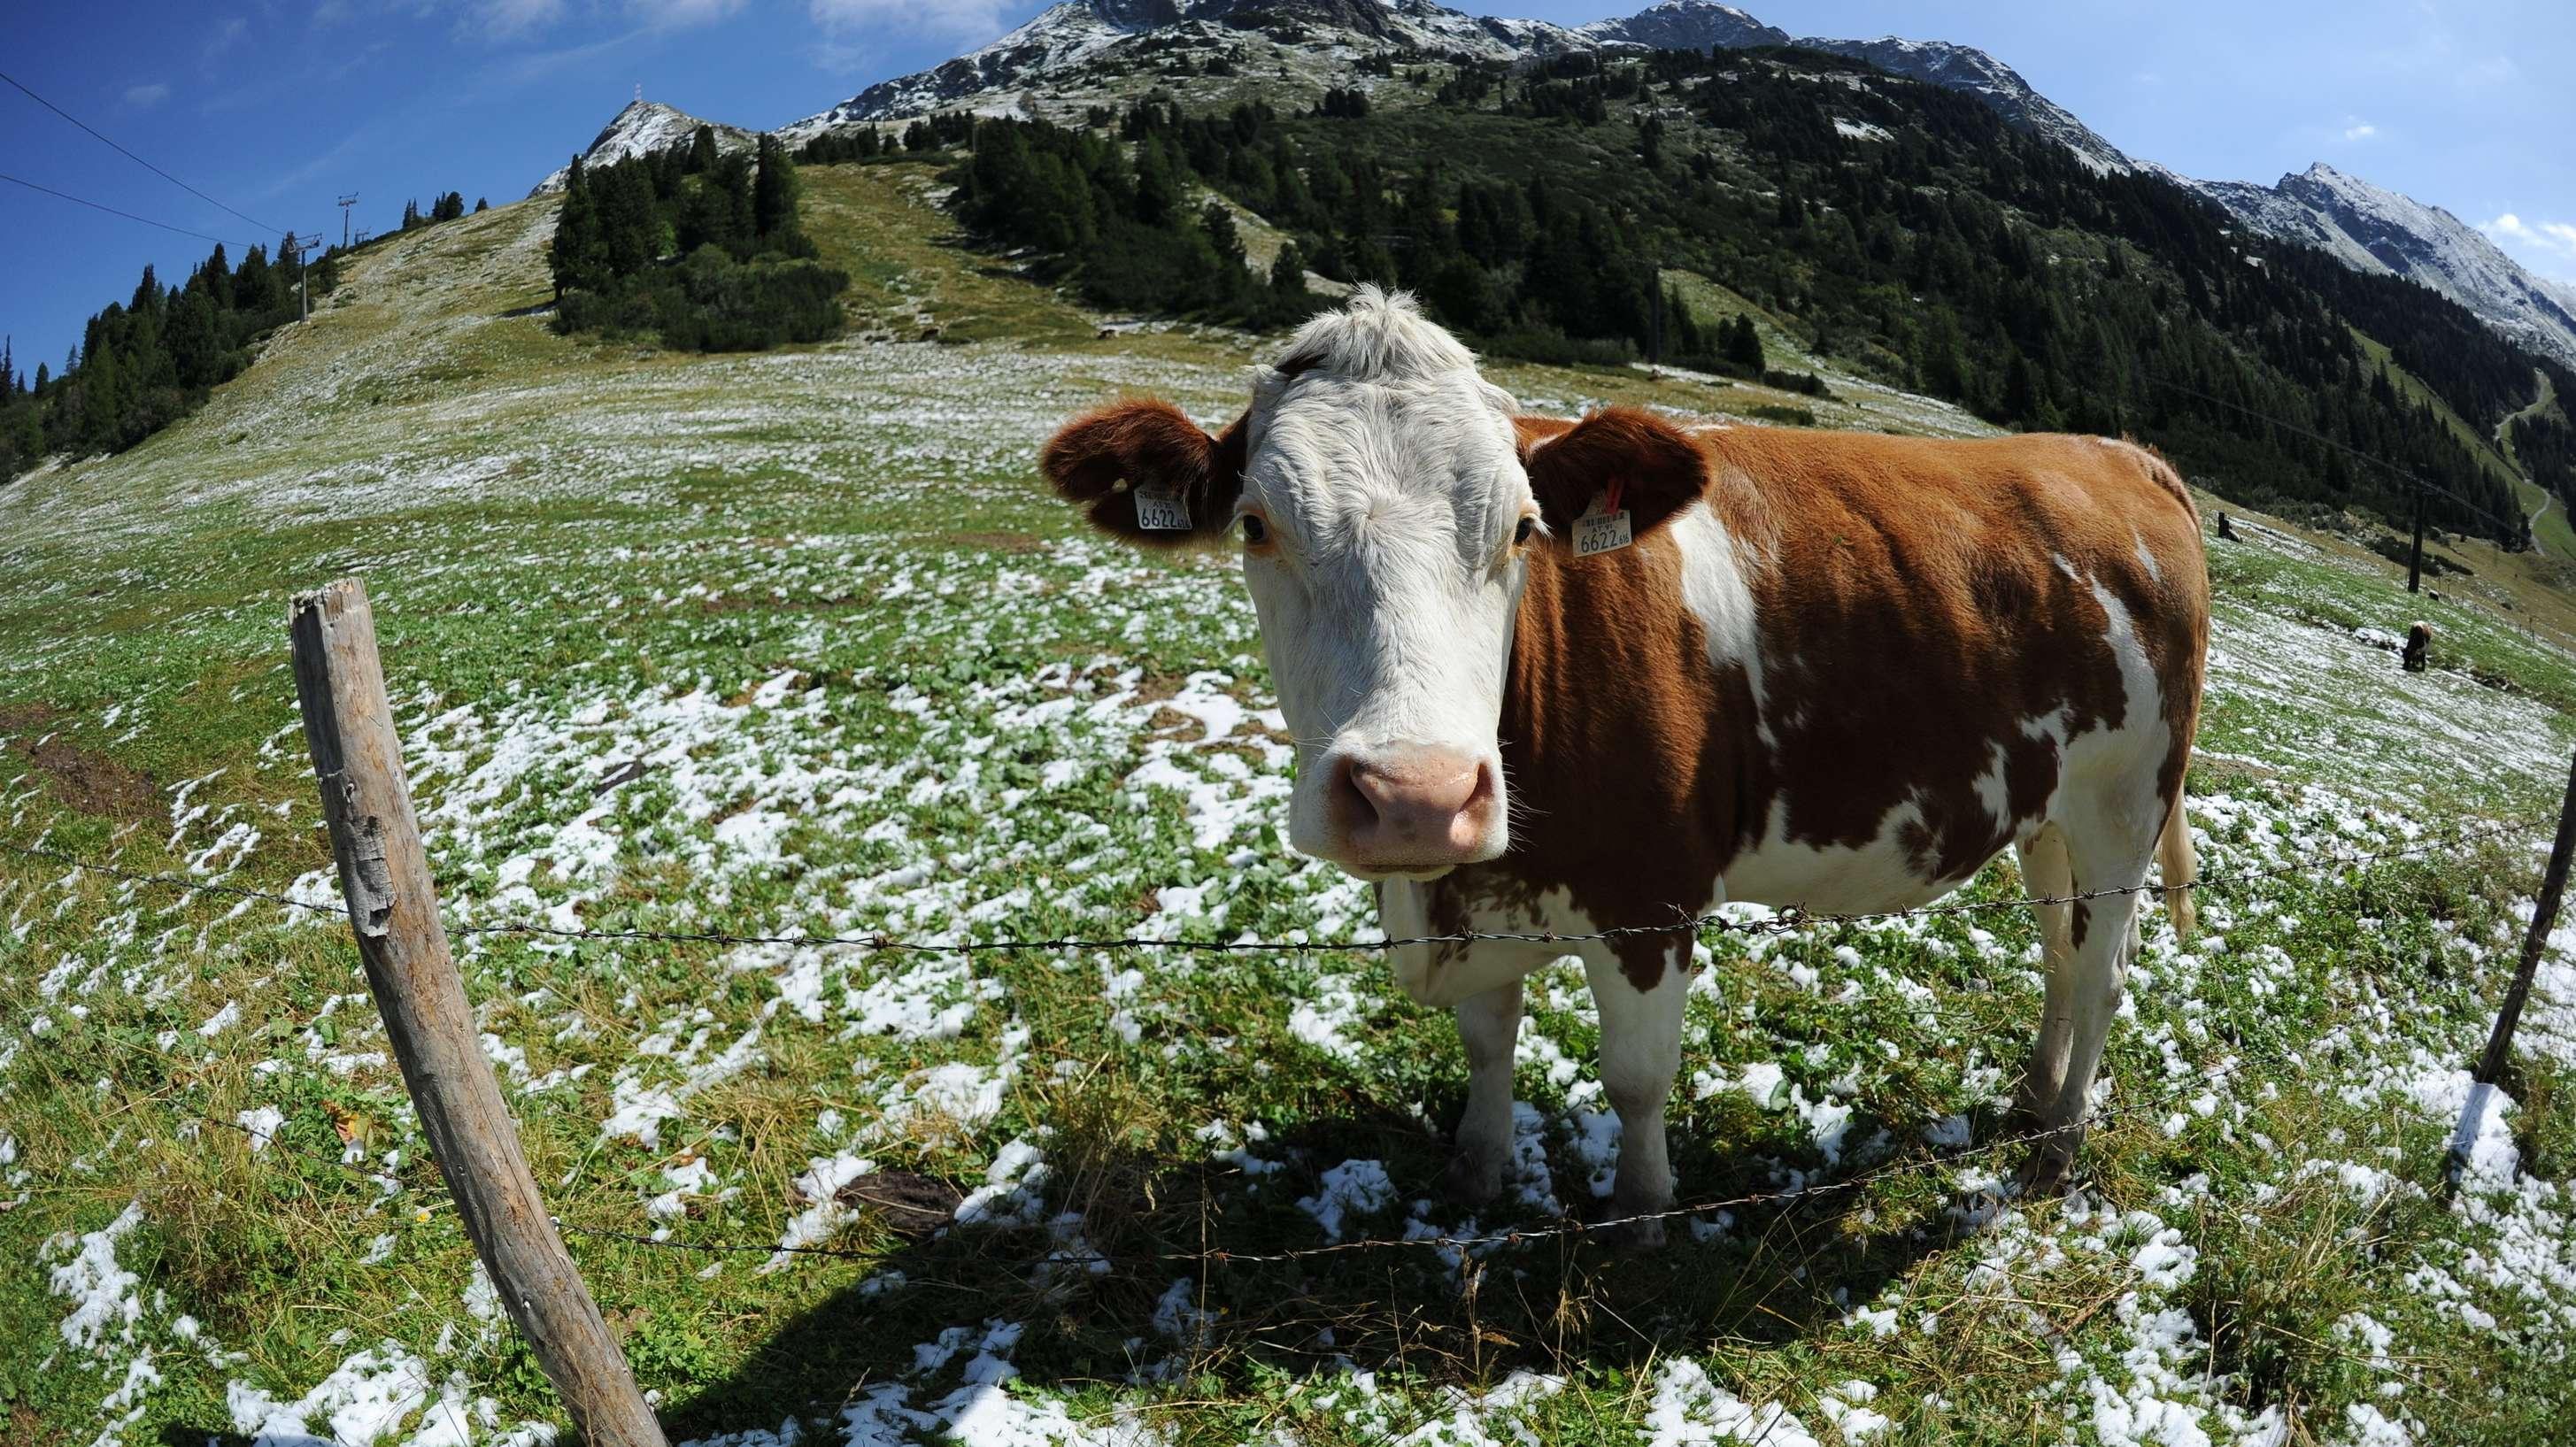 Kuh auf Alm auf einer Alm, auf der noch etwas Schnee liegt